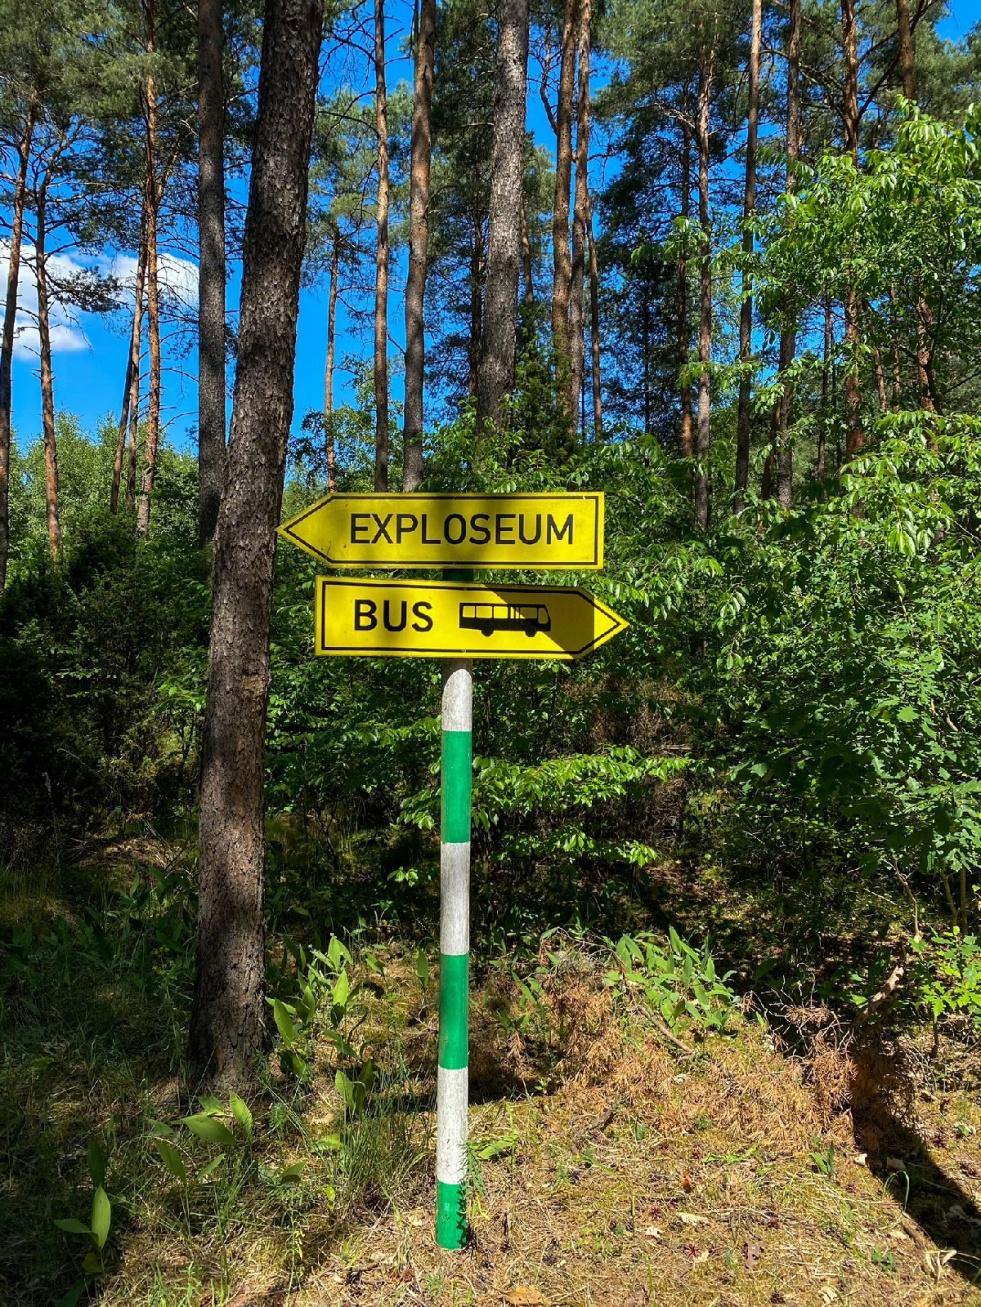 Eksplozja, ucieczka i co dalej? Na letnie zwiedzanie zaprasza Exploseum…